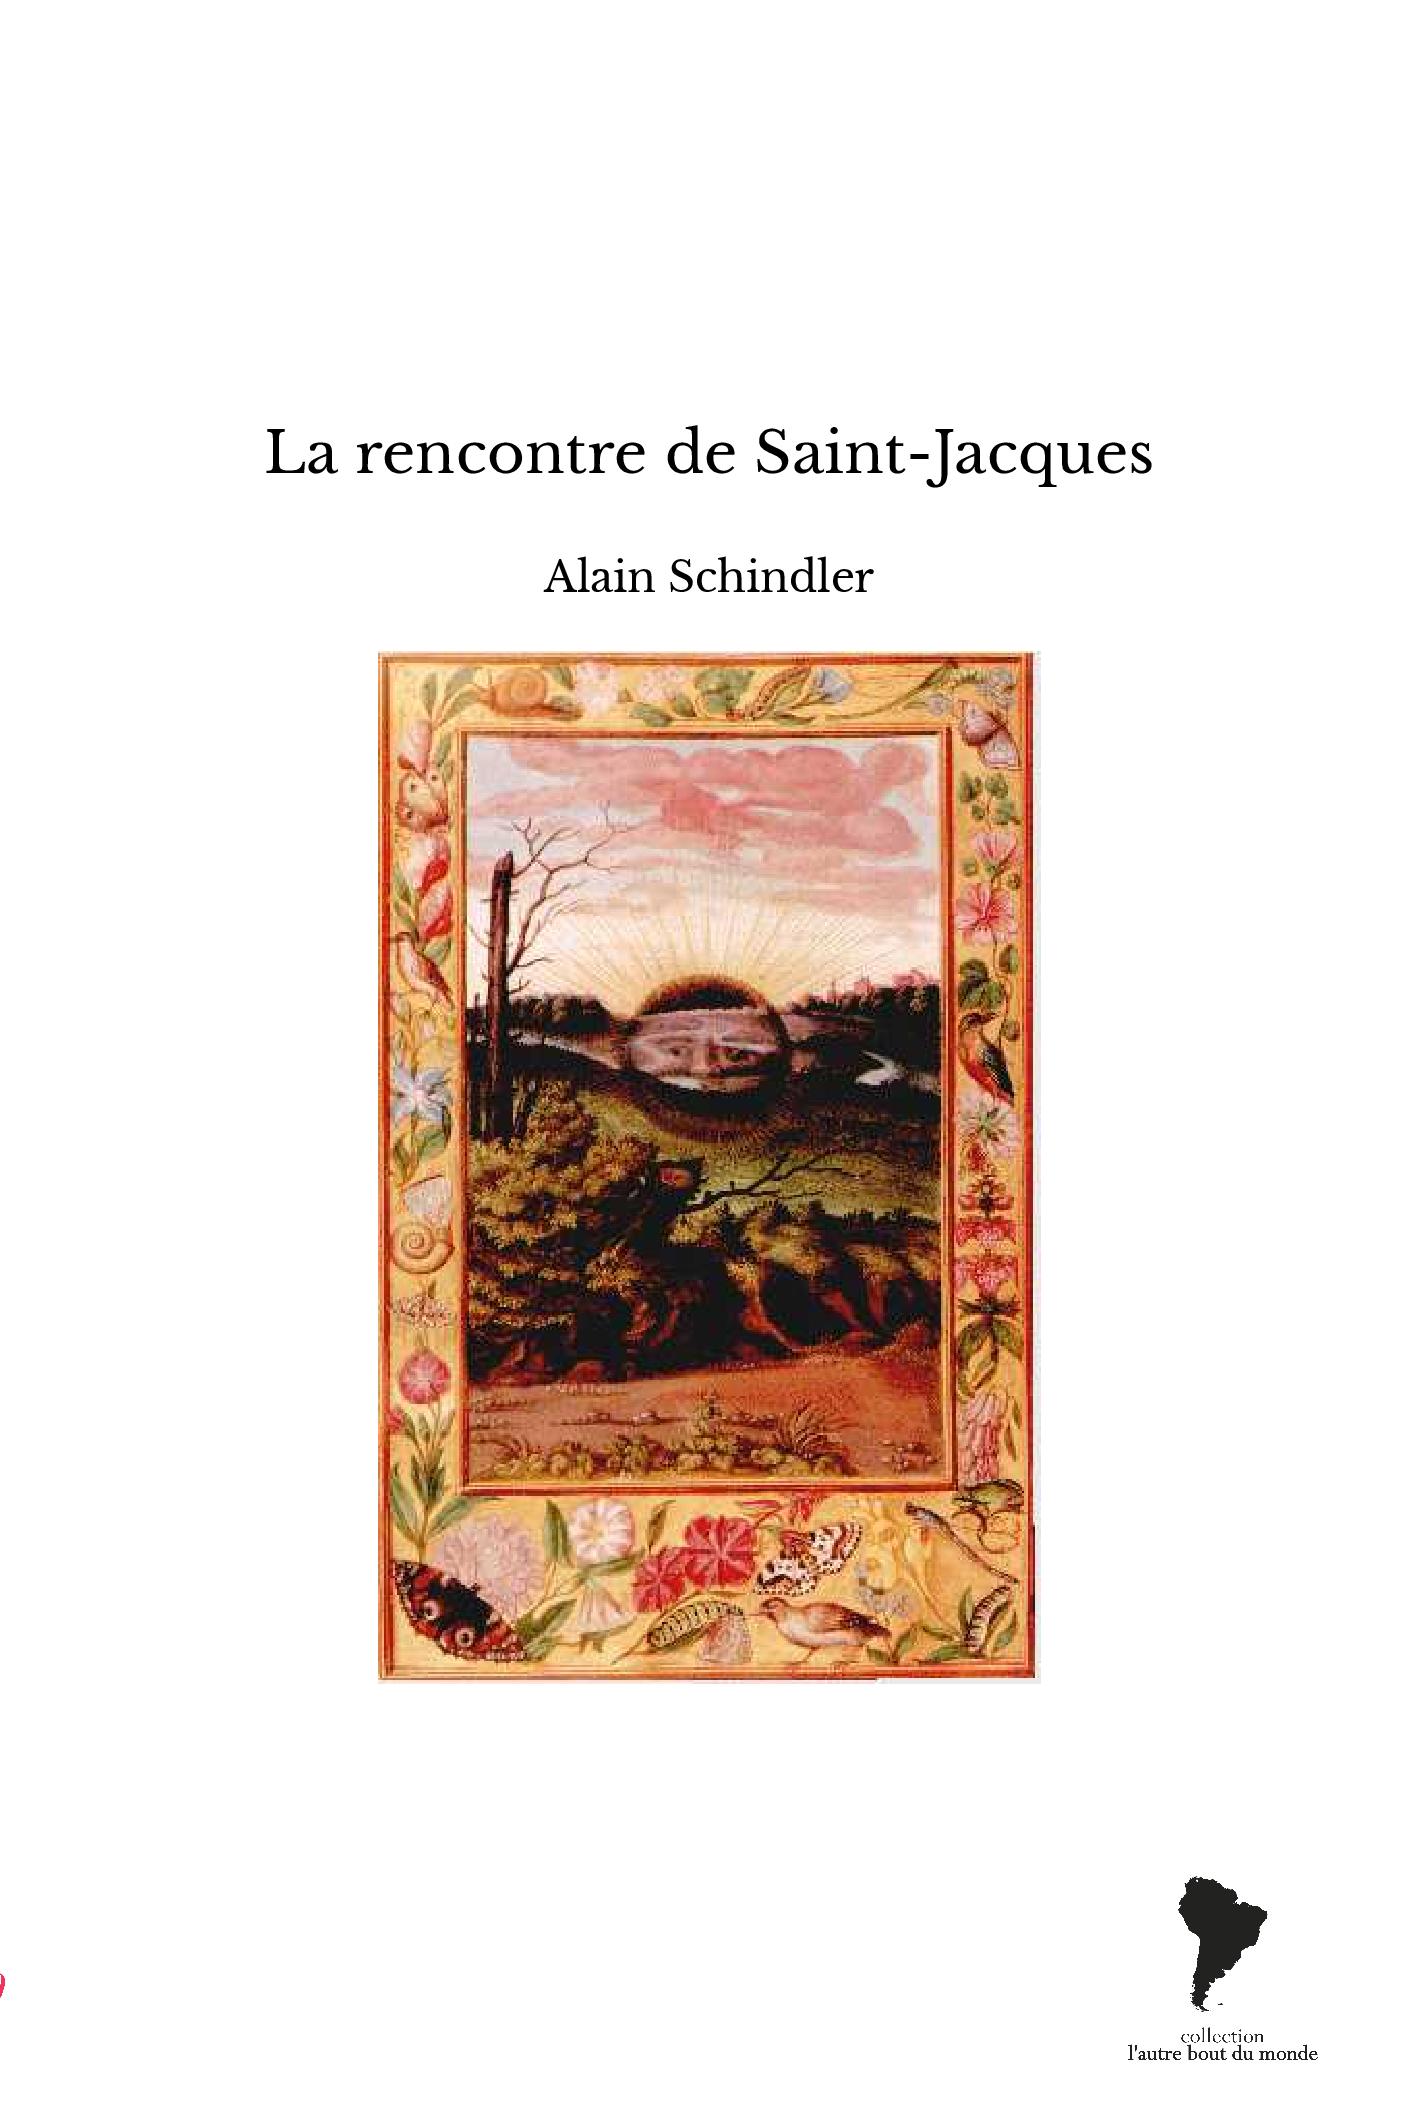 La rencontre de Saint-Jacques